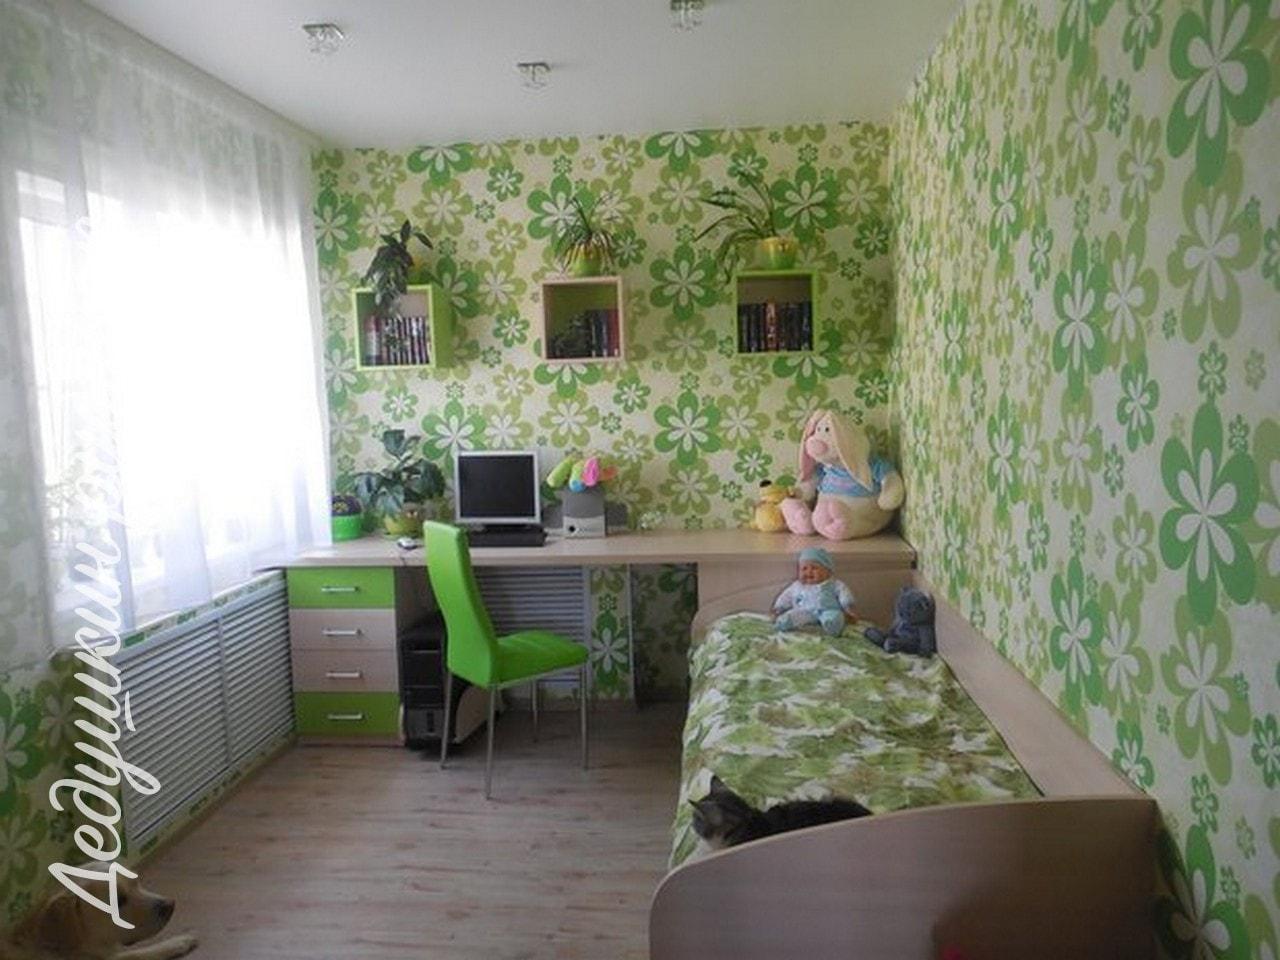 Детская под заказ в Томске от производителя Дедушкин рубанок. Низкие цены и скидки на мебель на заказ по индивидуальным проектам. Успейте заказать!